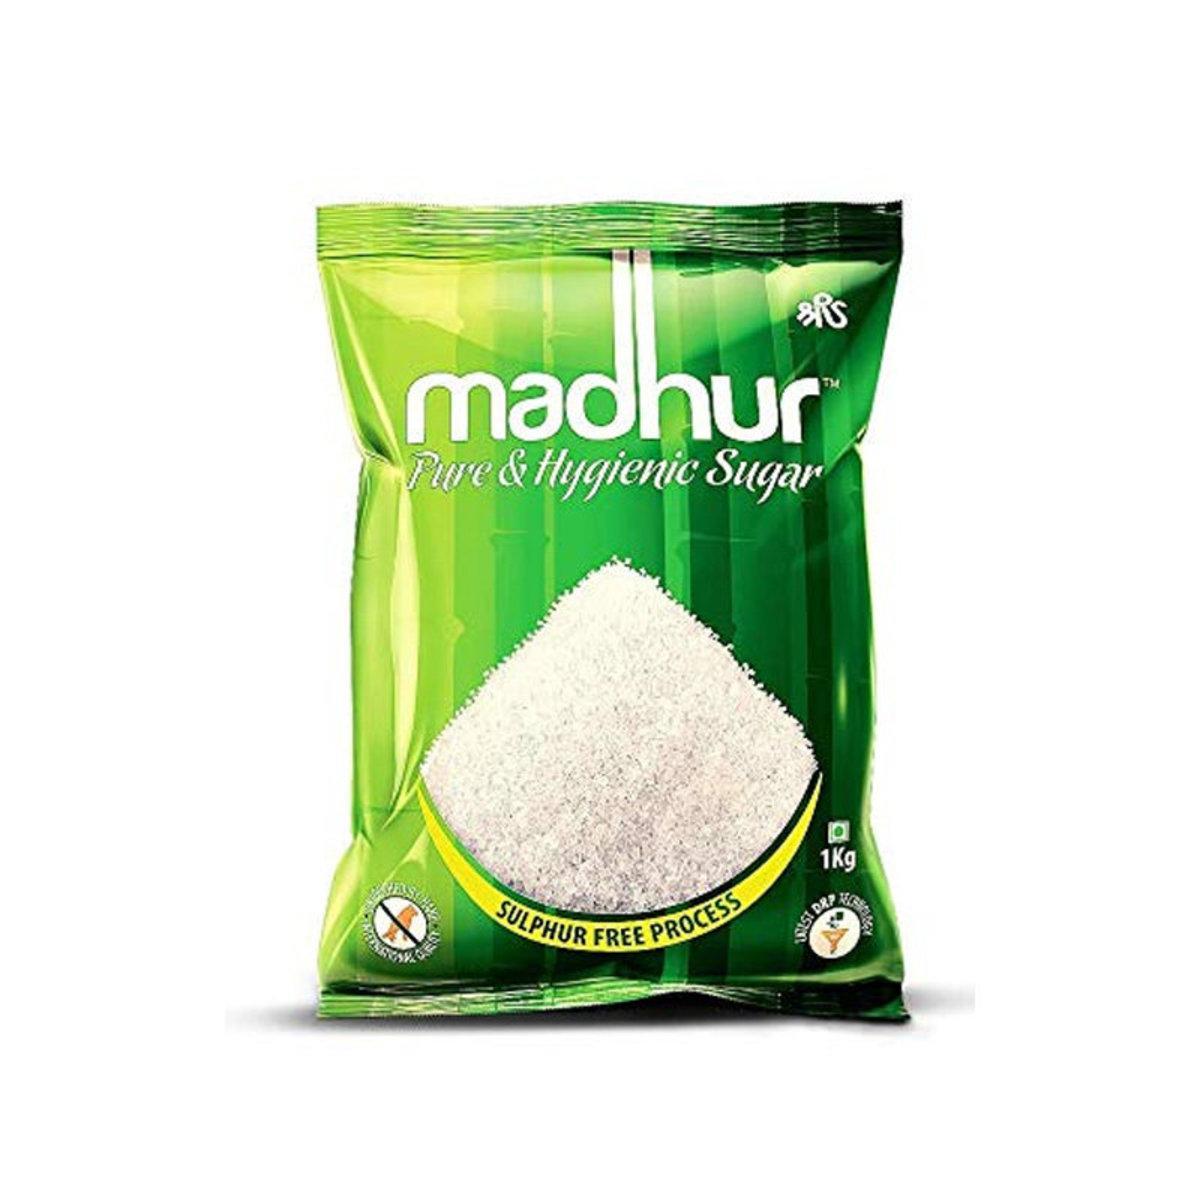 白砂糖1公斤